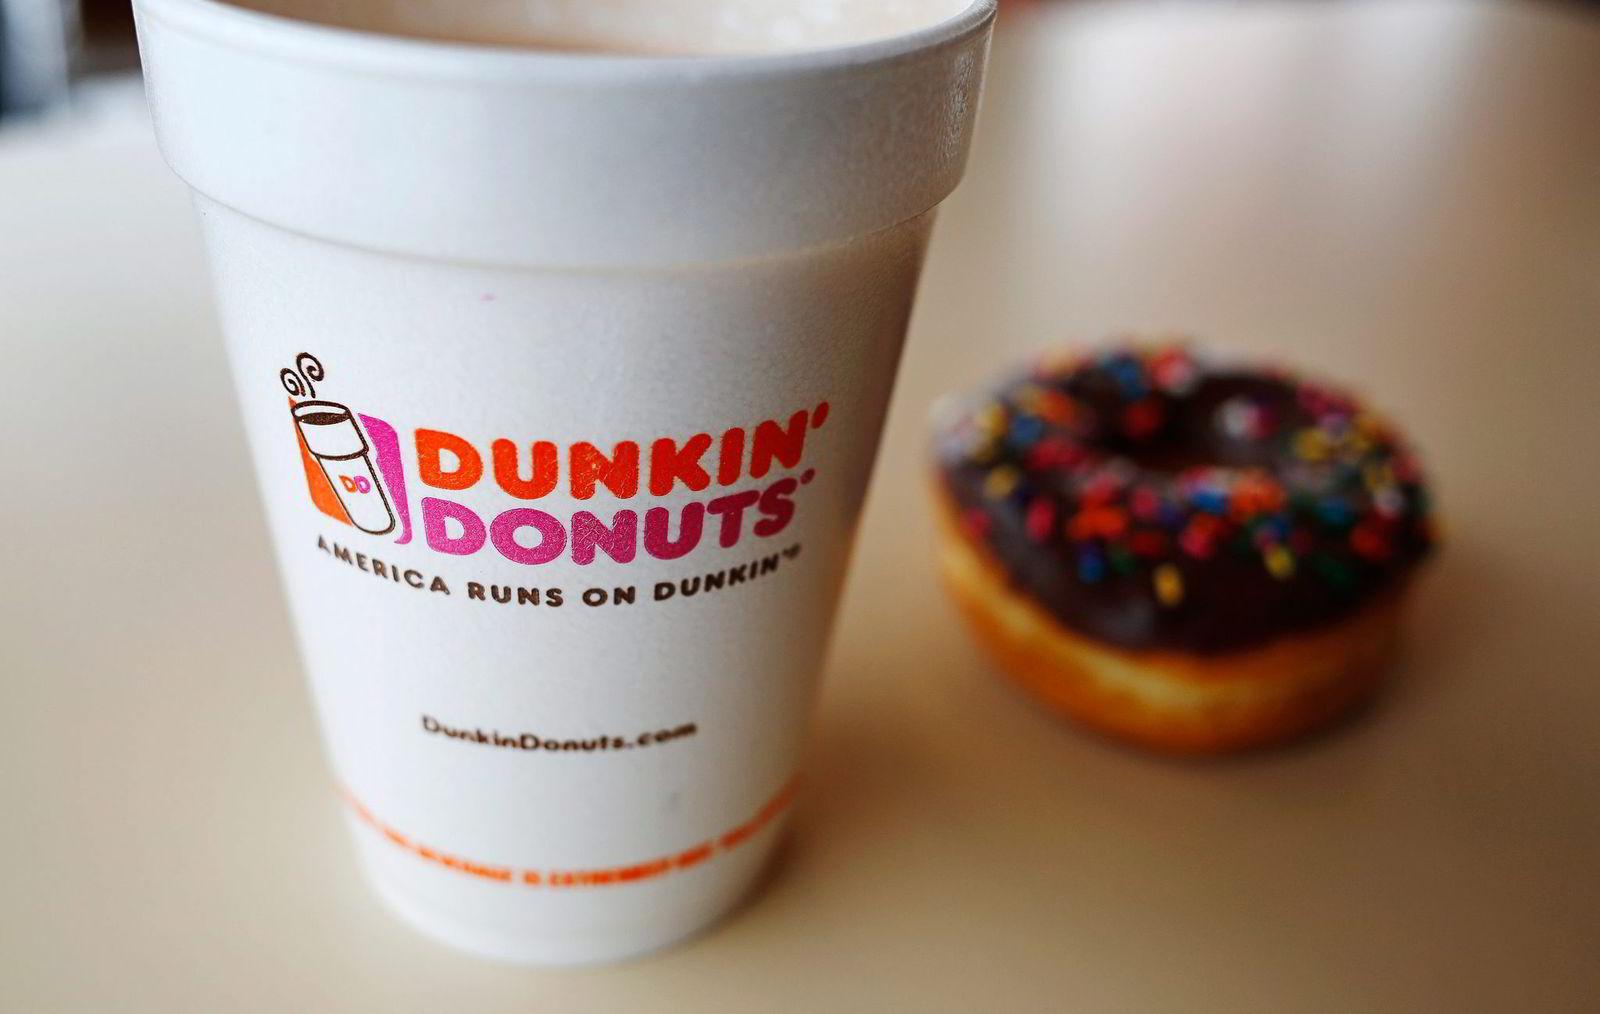 Dunkin Donuts er sammen med Starbucks i toppsjiktet blant de største amerikanske kaffekjedene. Menyen og tilbudet vil tilpasses det lokale markedet når de kommer til Norge, ifølge kjedeledelsen.